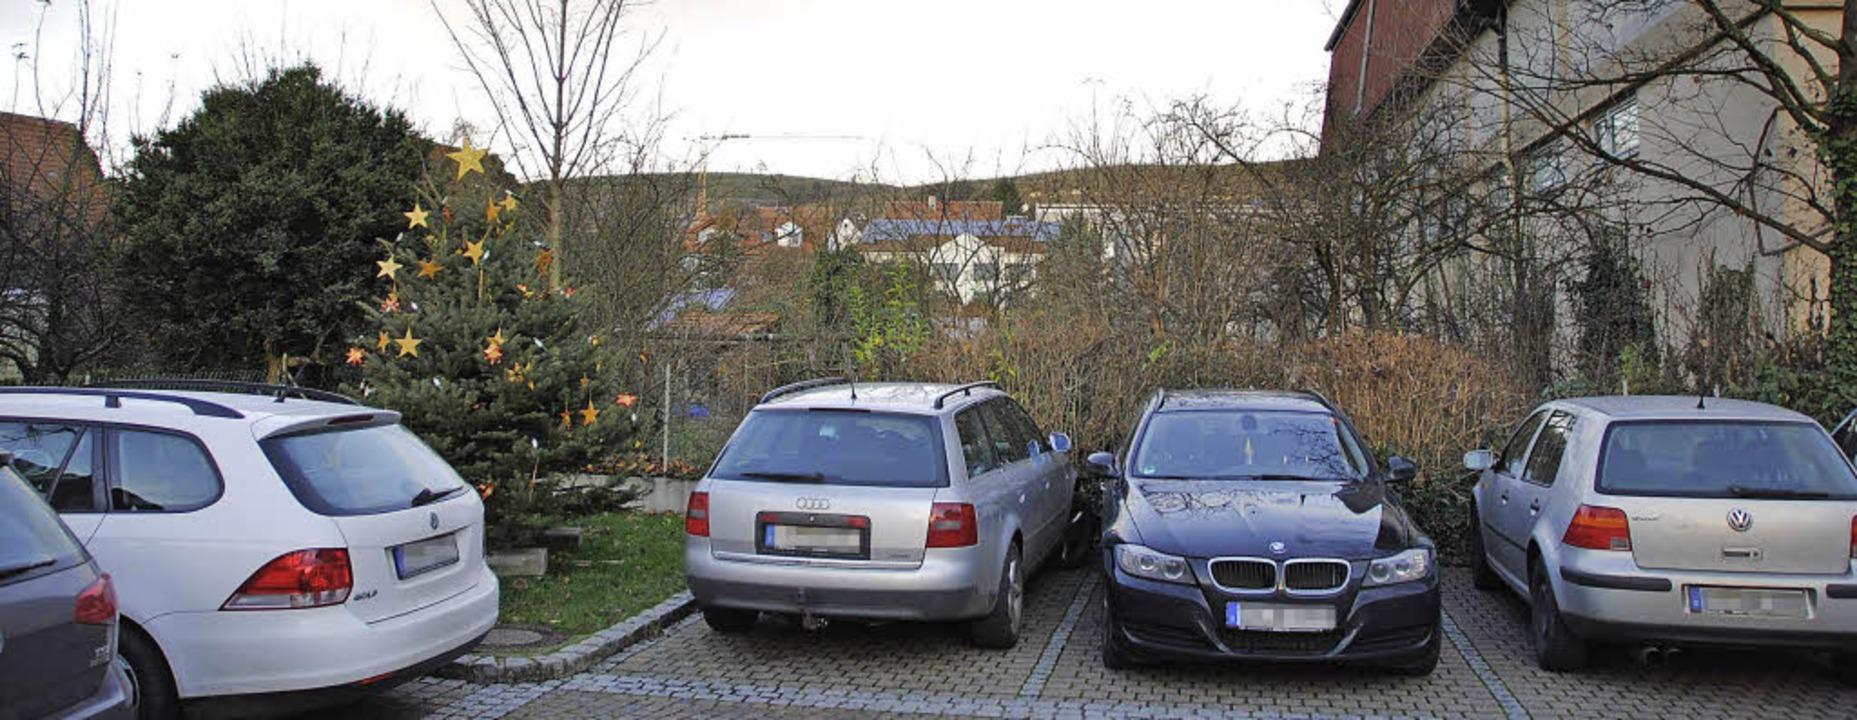 Der Parkplatz beim Bötzinger Rathaus s...ach hinten baulich erweitern können.    | Foto: manfred frietsch